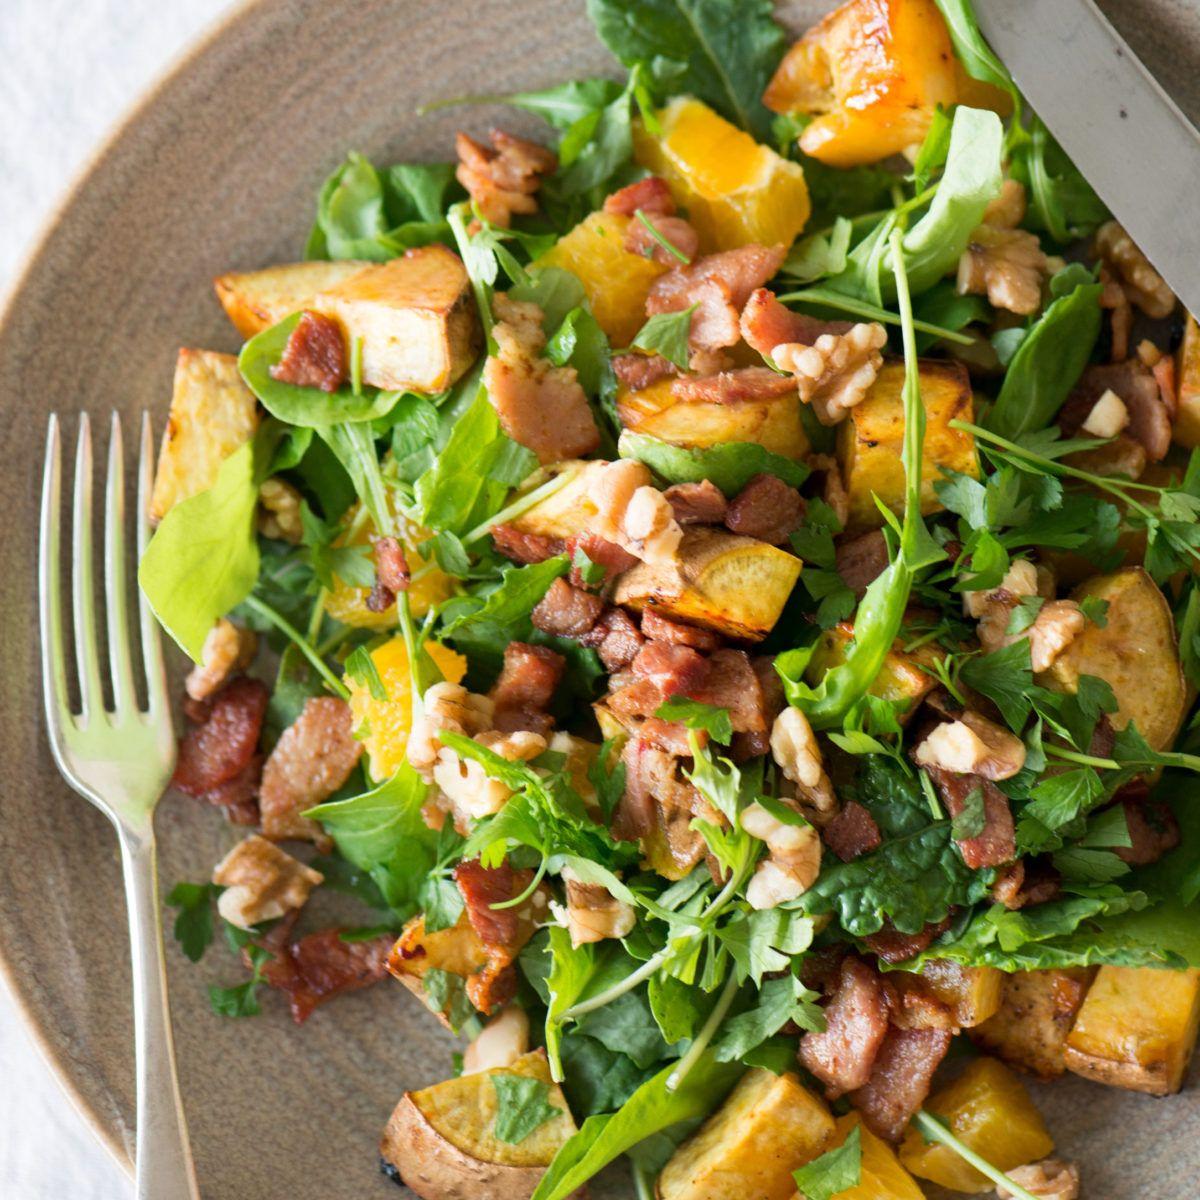 Kumara Bacon Walnut And Orange Salad Nadia Lim Recipe Kumara Salad Orange Salad Recipes Healthy Dinner Recipes